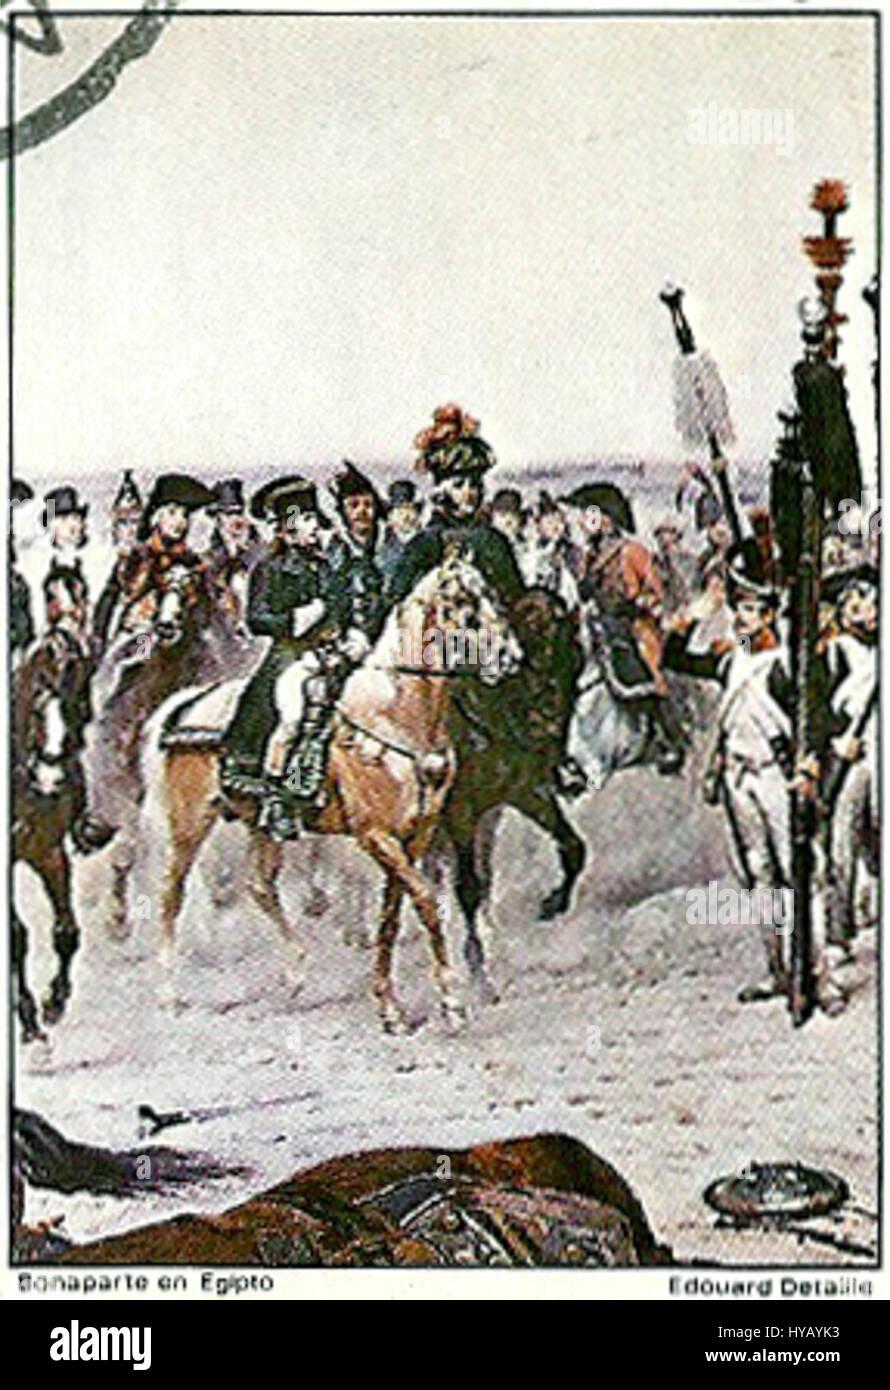 Bonaparte en Egipto - Stock Image